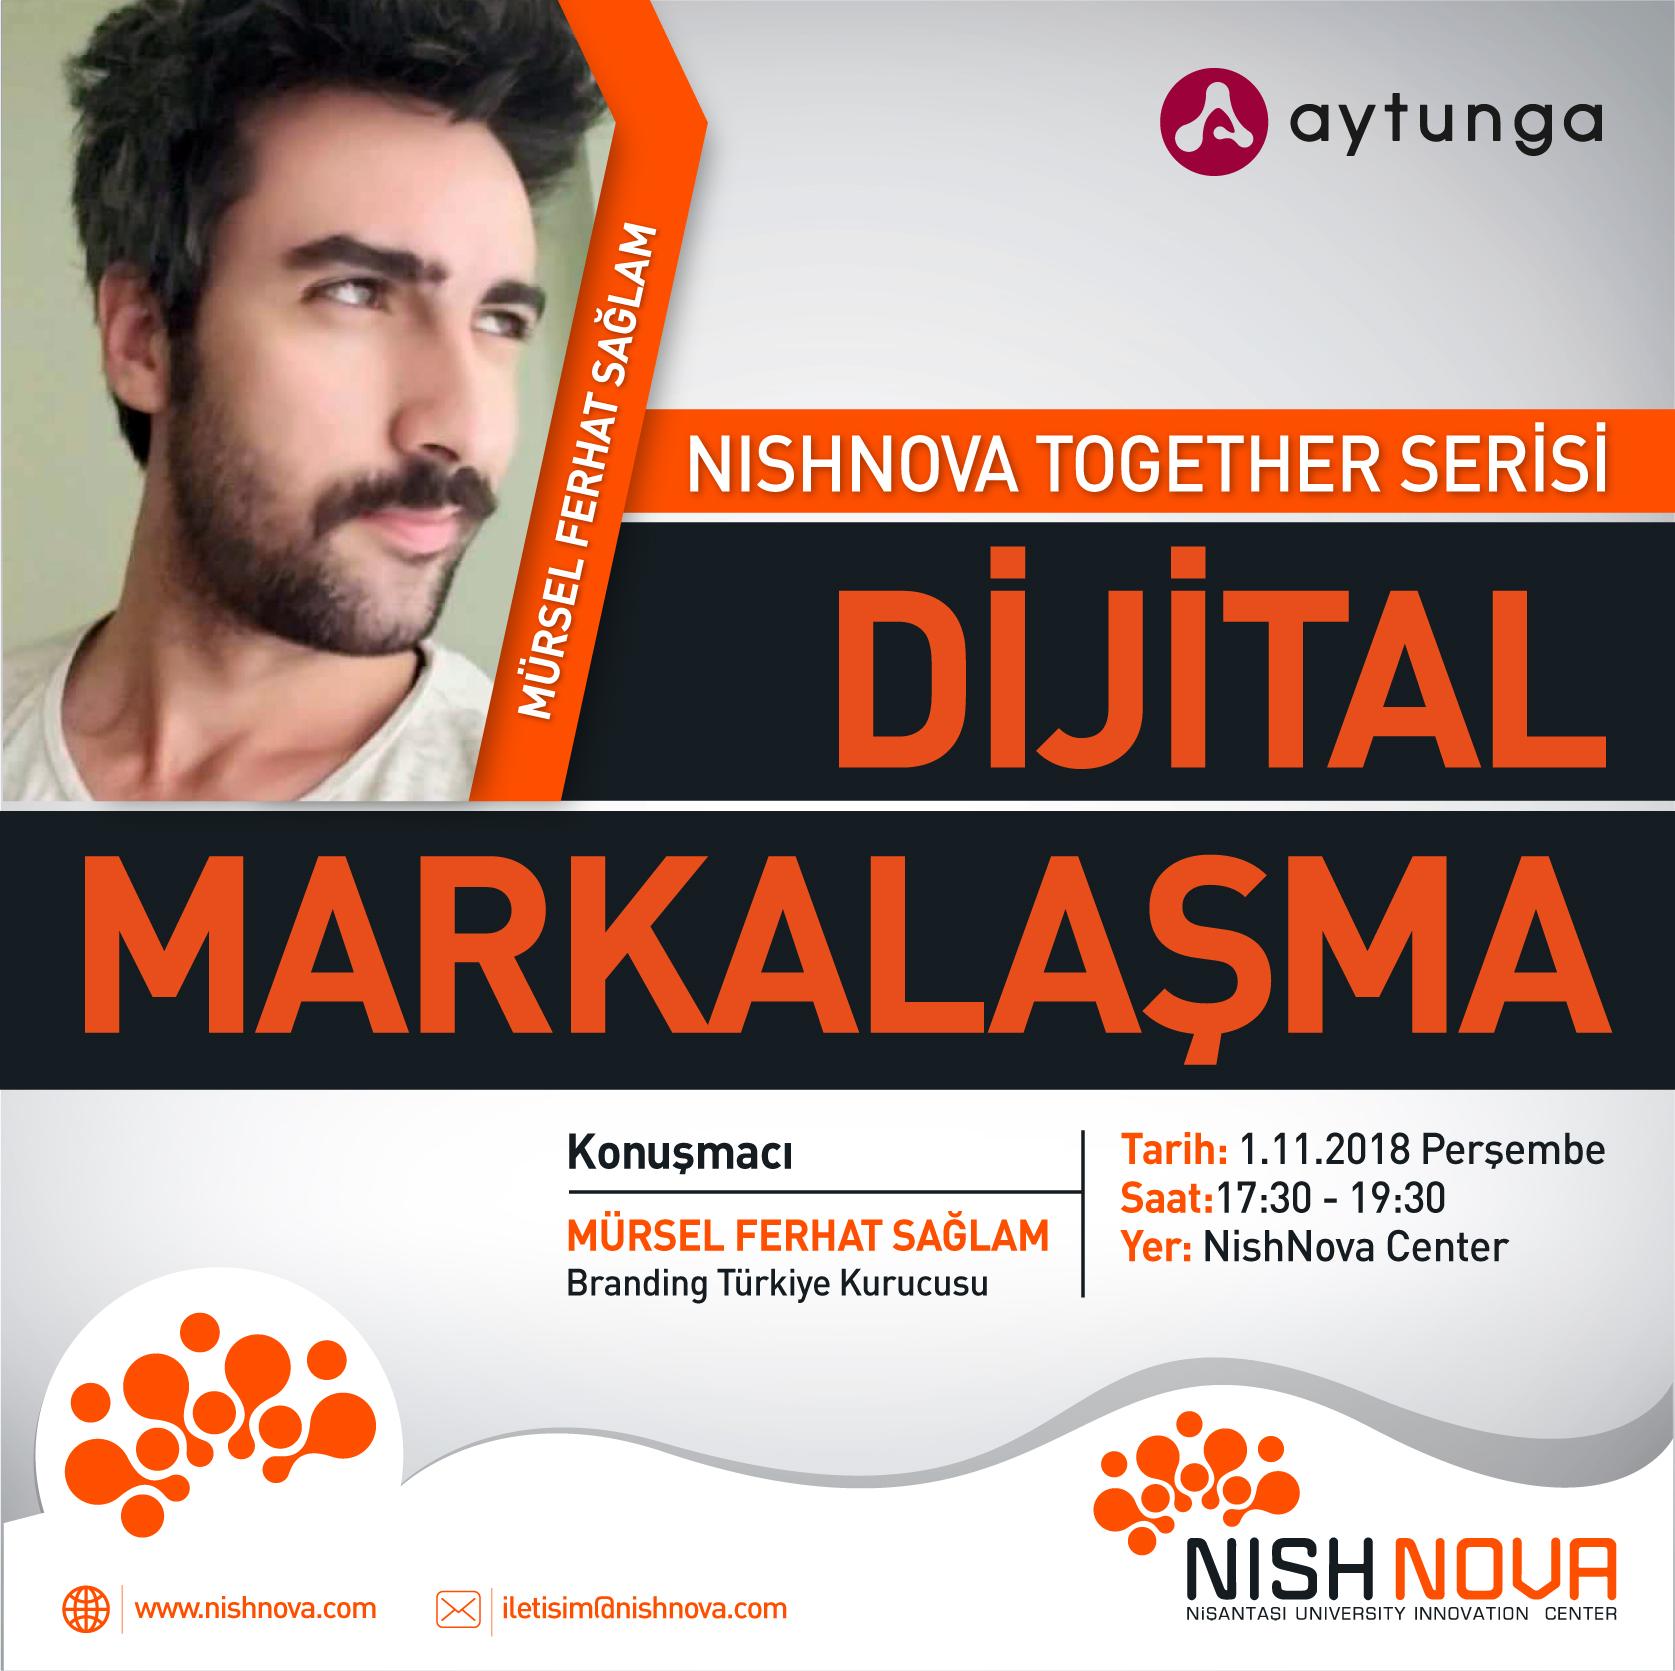 Nishnova Together Serisi Dijital Markalaşma - Afiş